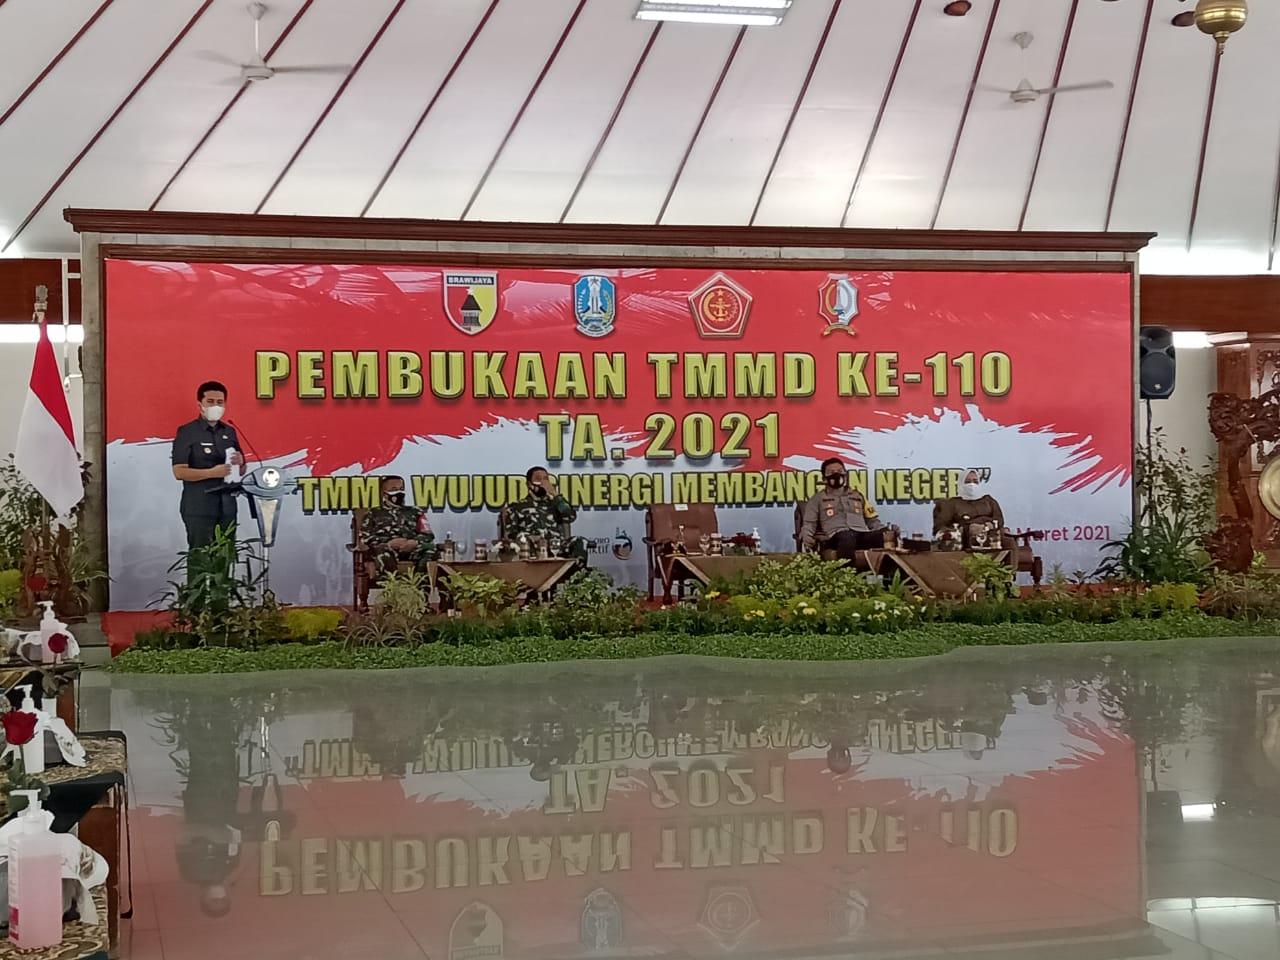 Acara pembukaan Program TNI Manunggal Membangun Desa (TMMD) ke-110 tahun di Pendopo Malowopati Bojonegoro, Selasa (02/03/2021). (Foto : Mila Arinda/Tugu Jatim) emil dardak